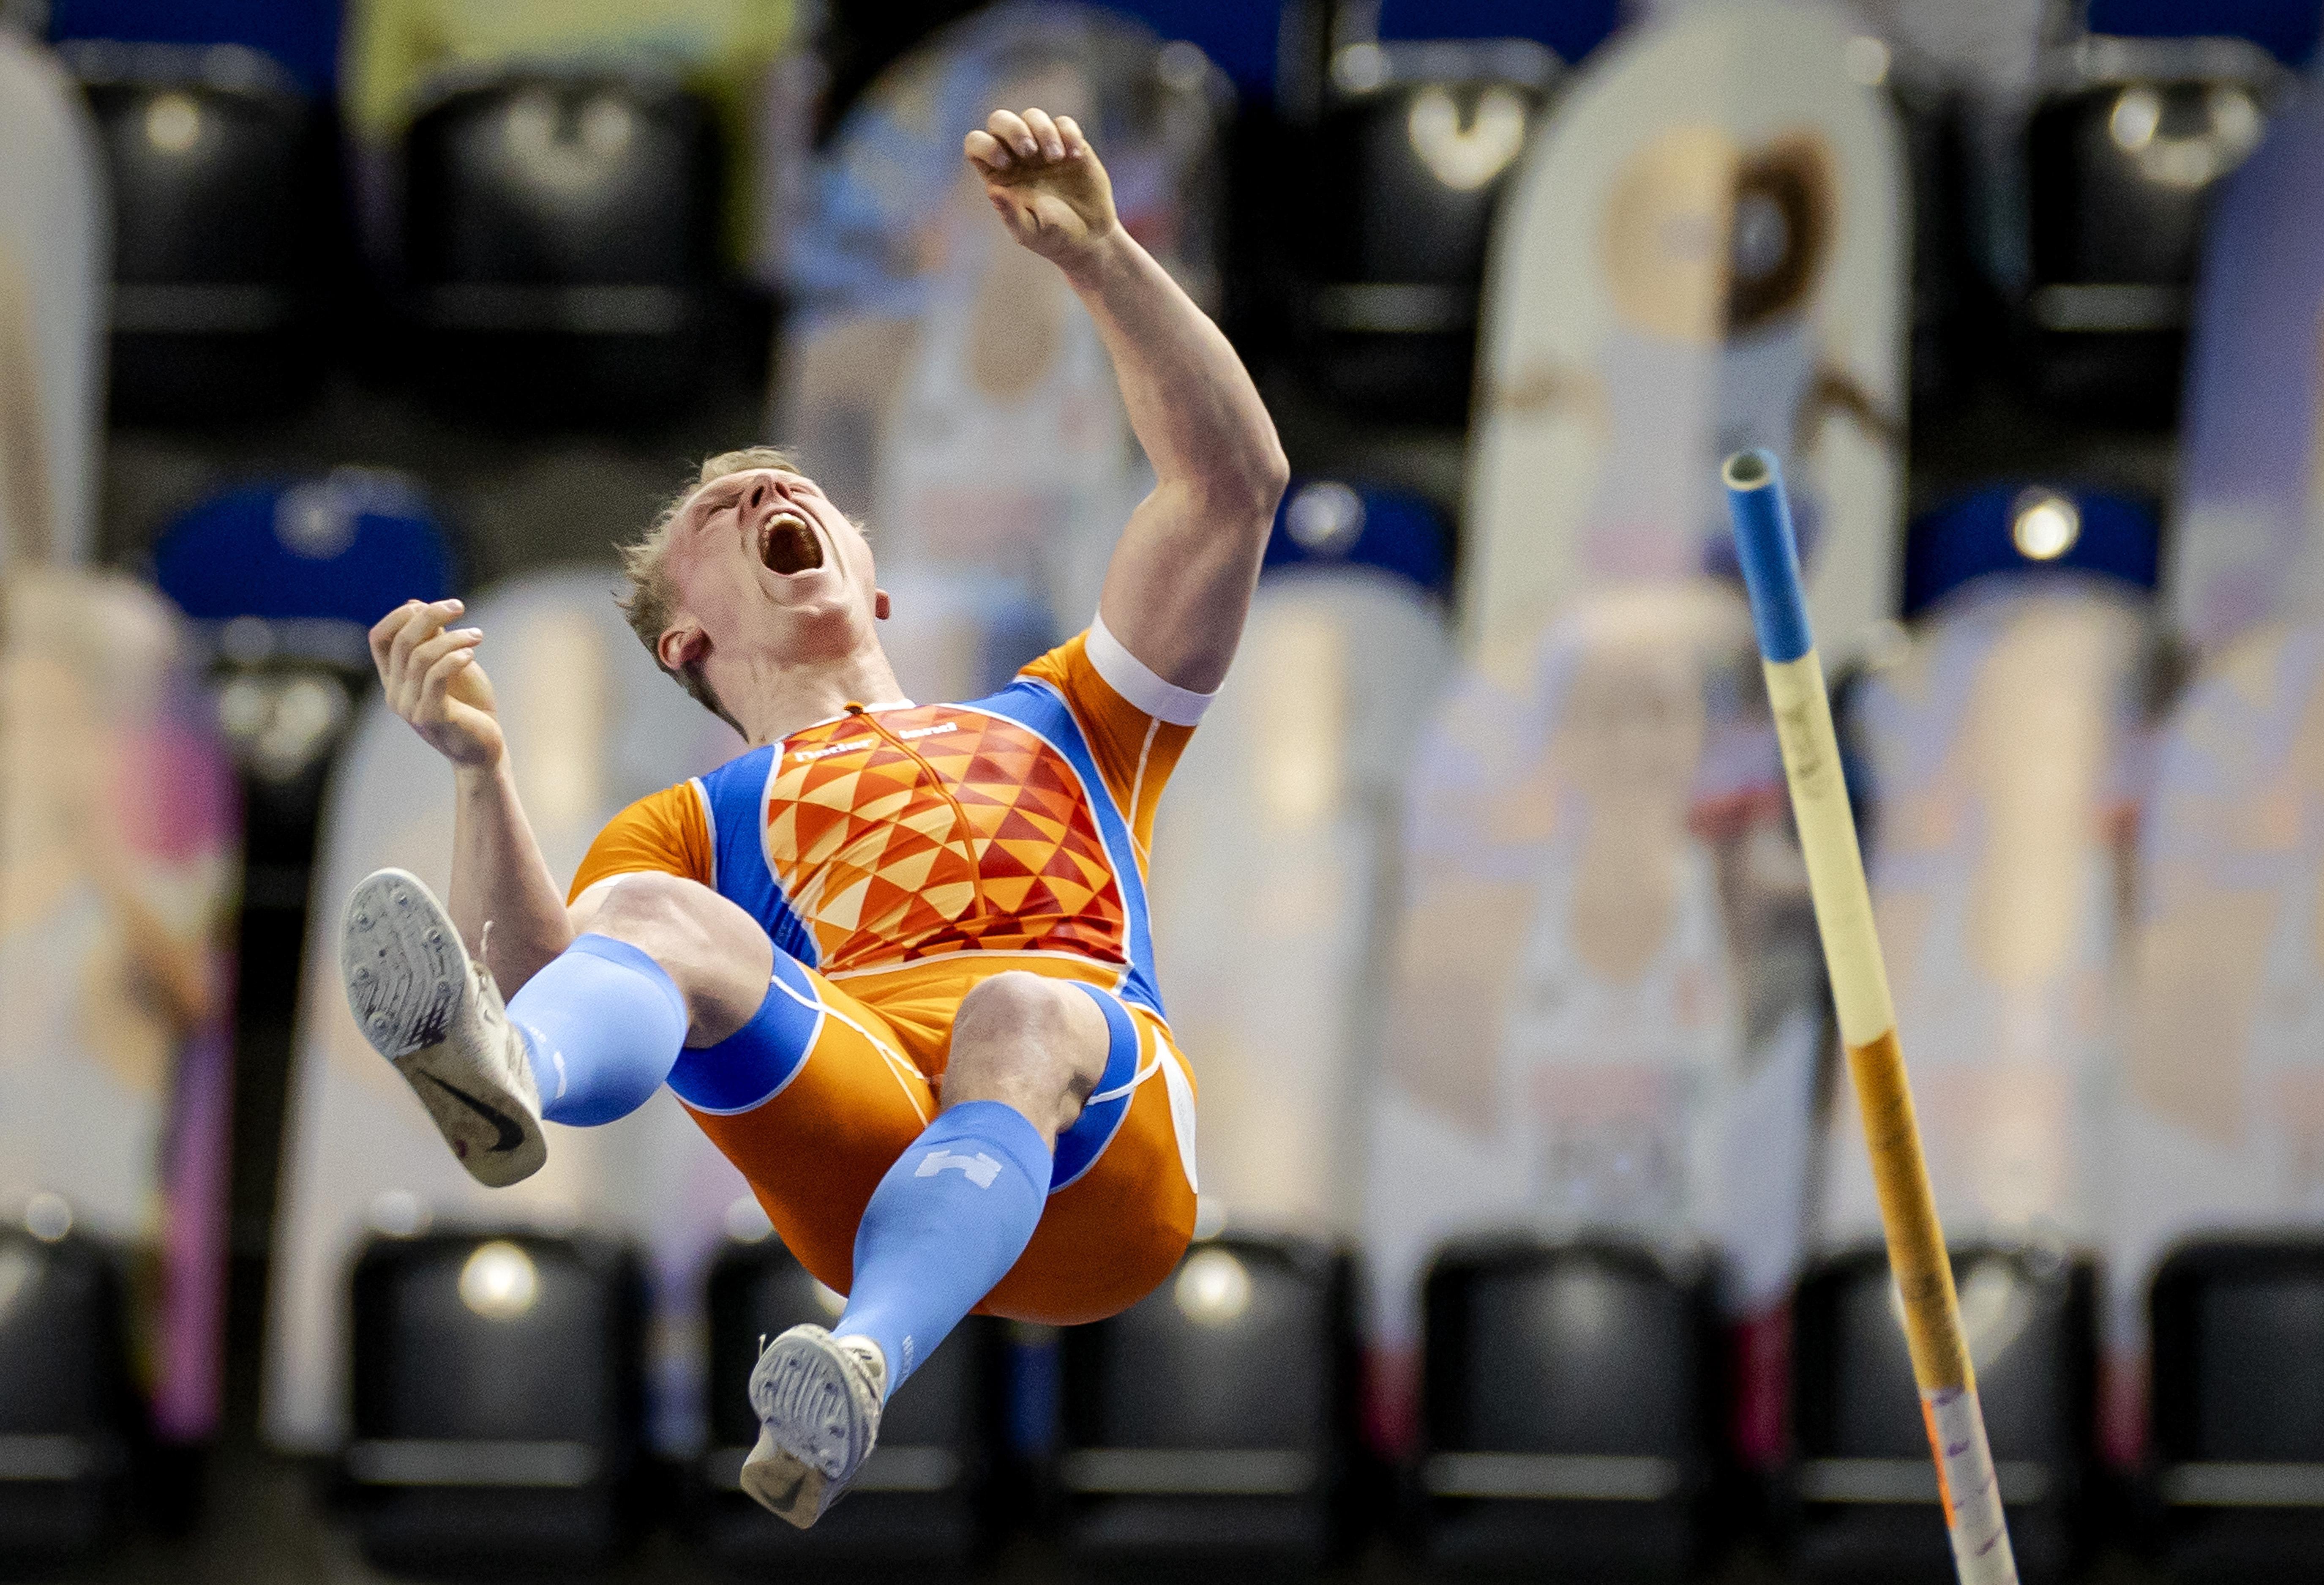 Polsstokhoogspringer Menno Vloon kan zich niet onderscheiden bij EK indooratletiek: gedeelde vijfde plaats